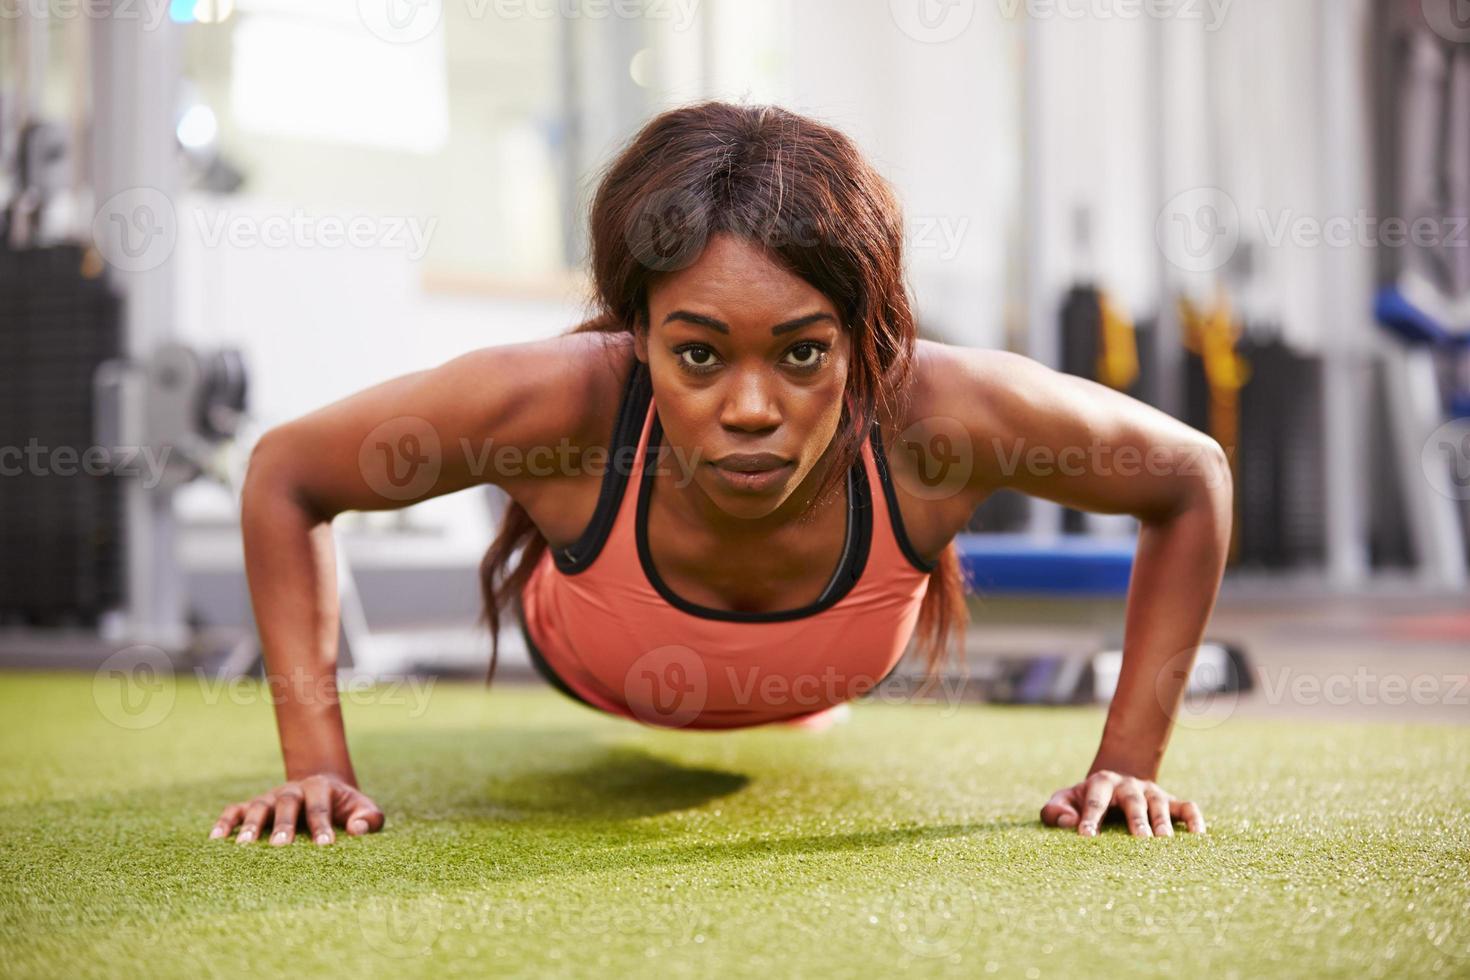 jonge vrouw doet push-ups in een sportschool foto